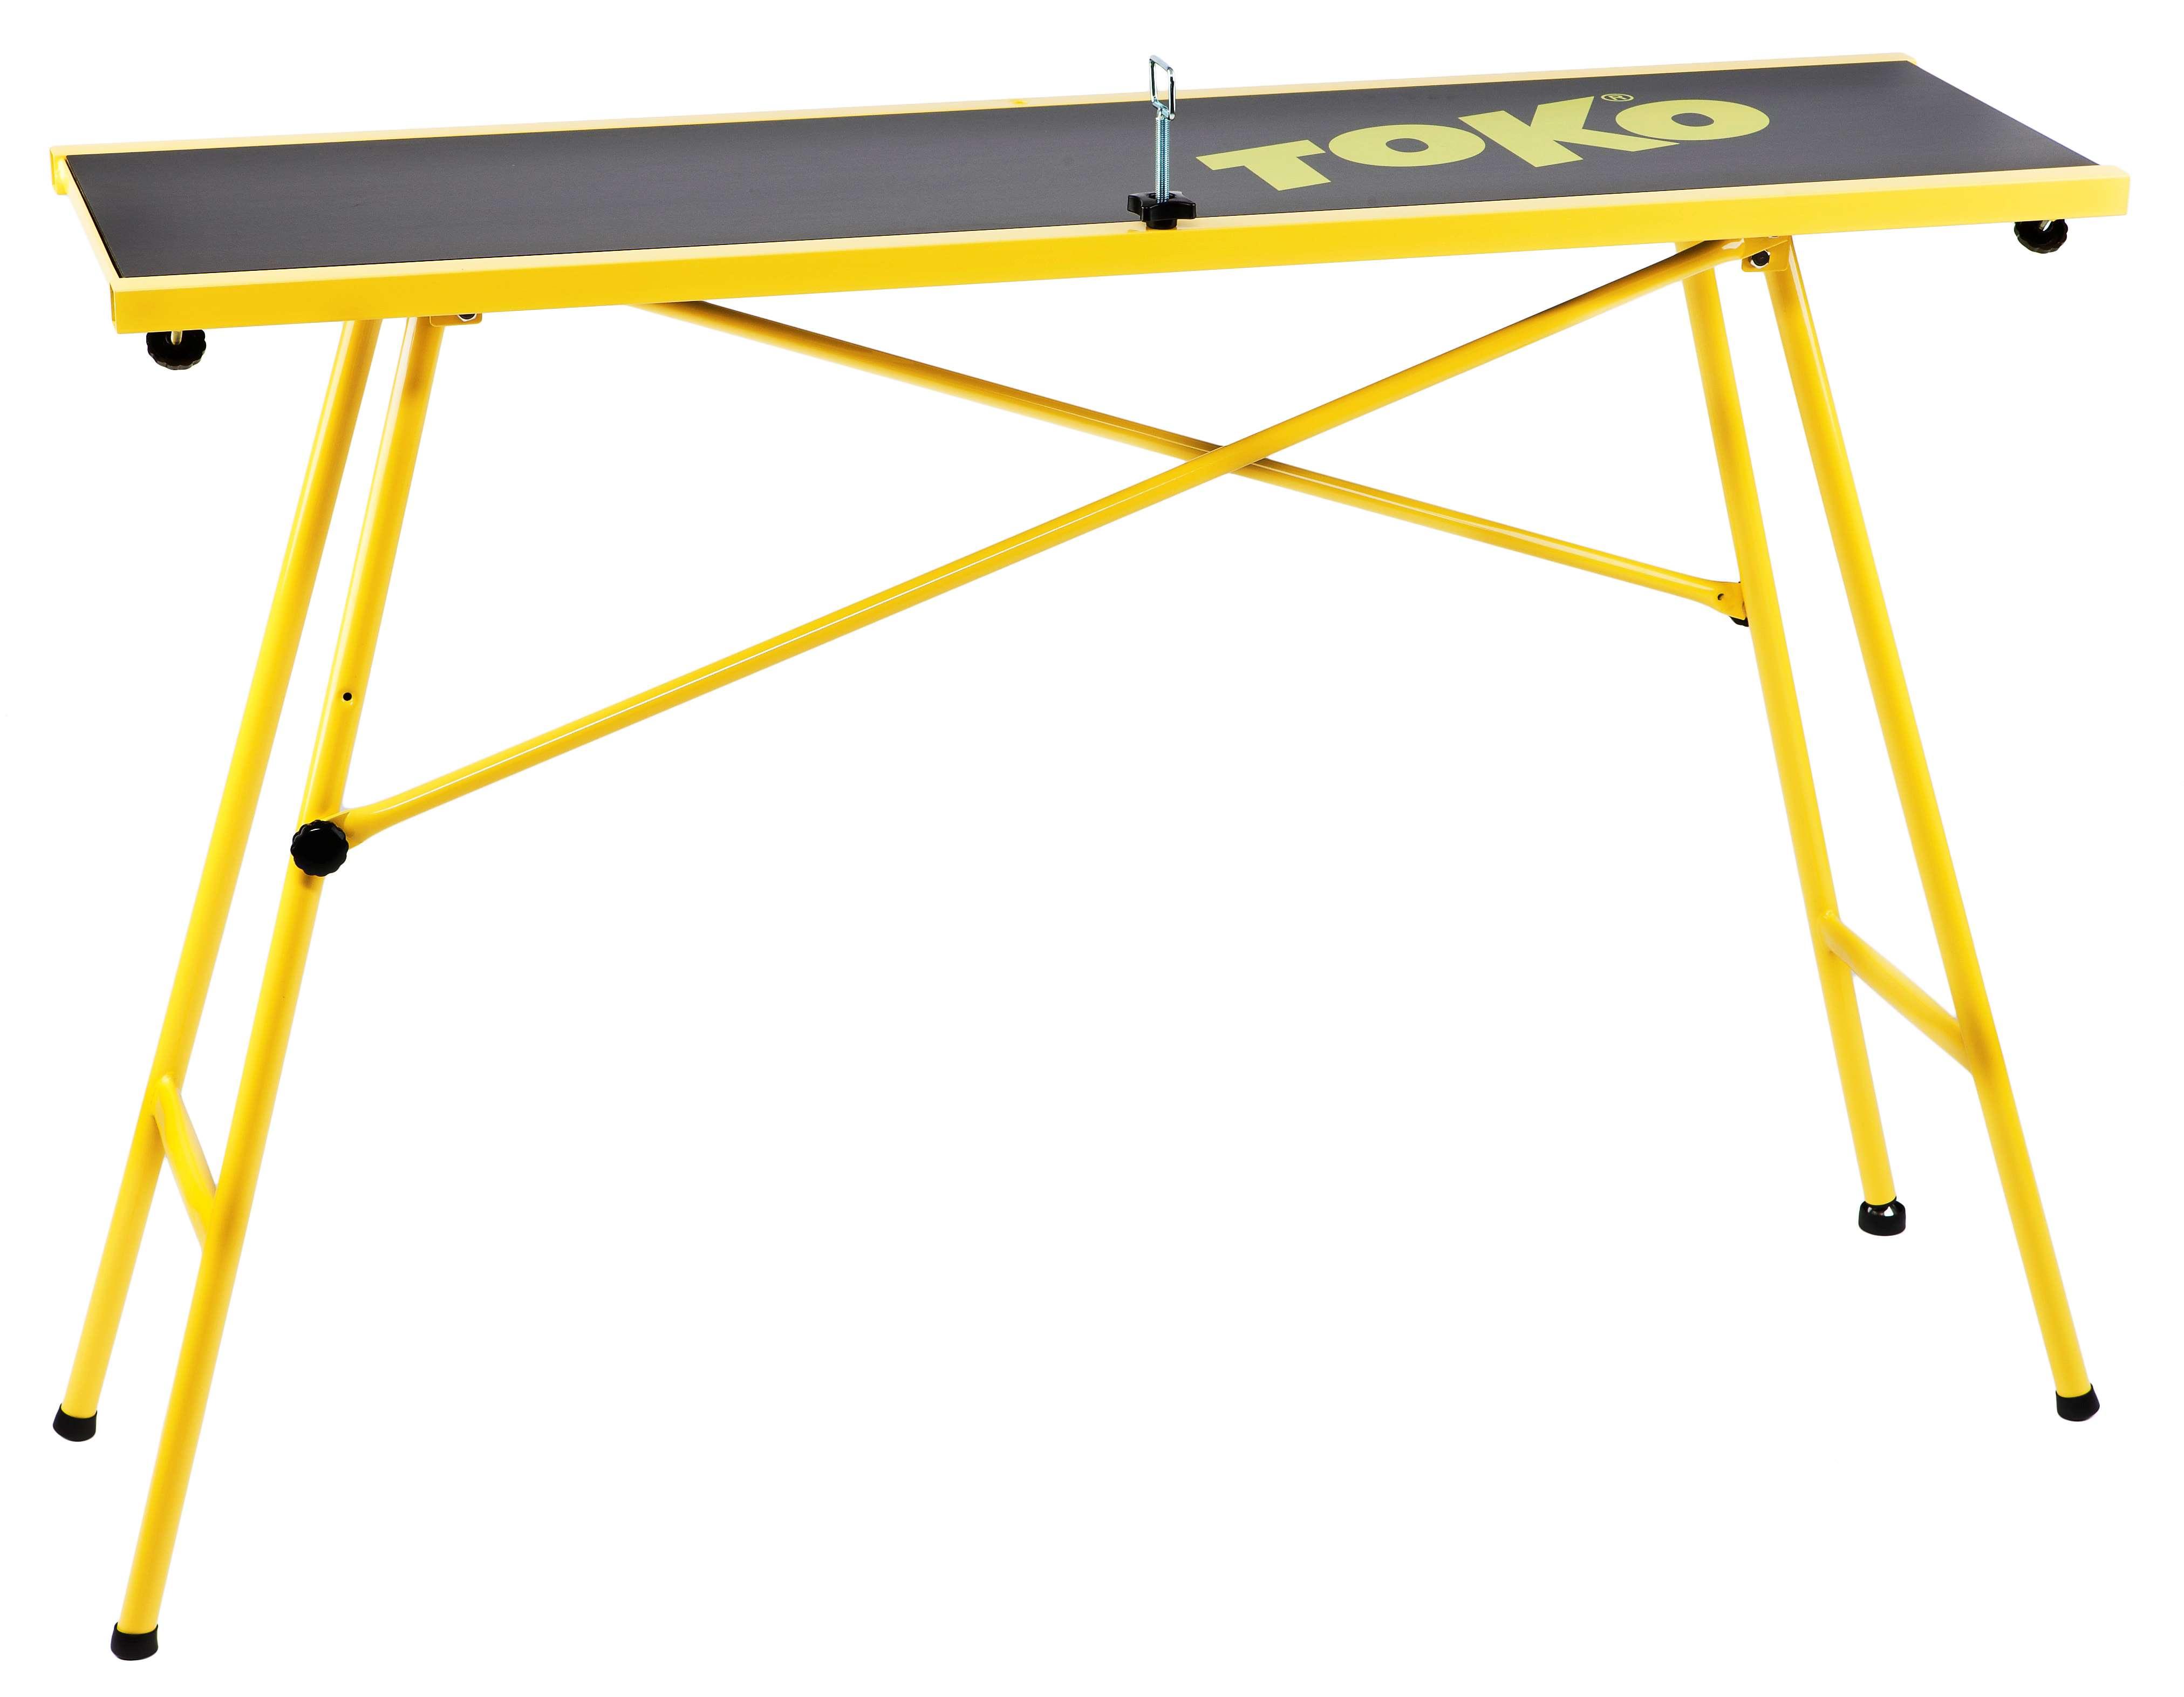 Toko Workbench Small Servicetisch-Gelb-One Size